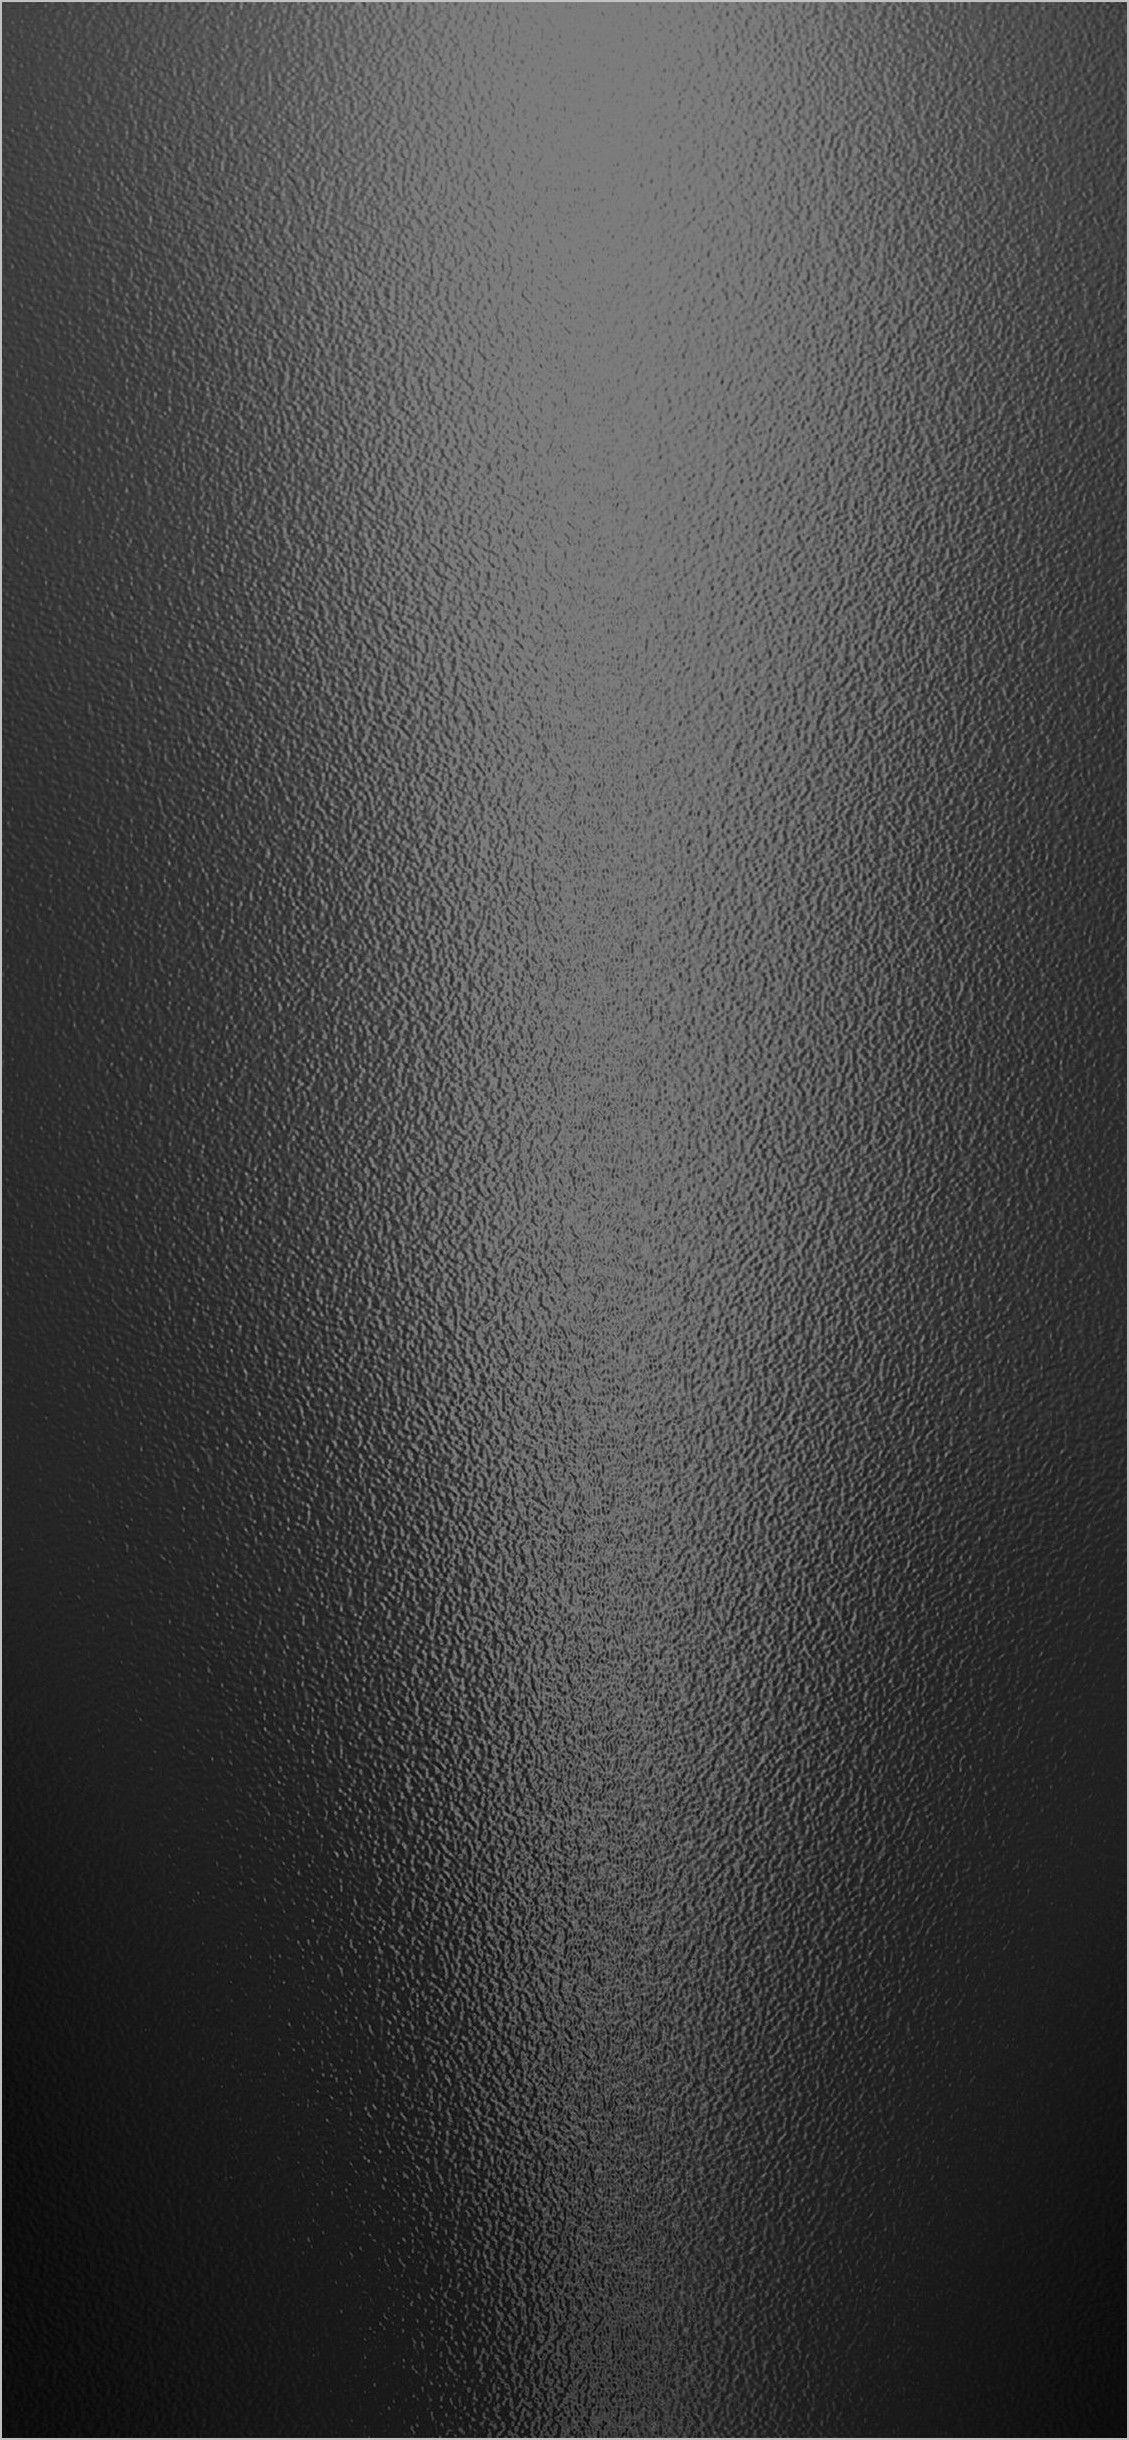 Brushed Steel 4k Wallpaper Brushed Steel Wallpaper Background Images